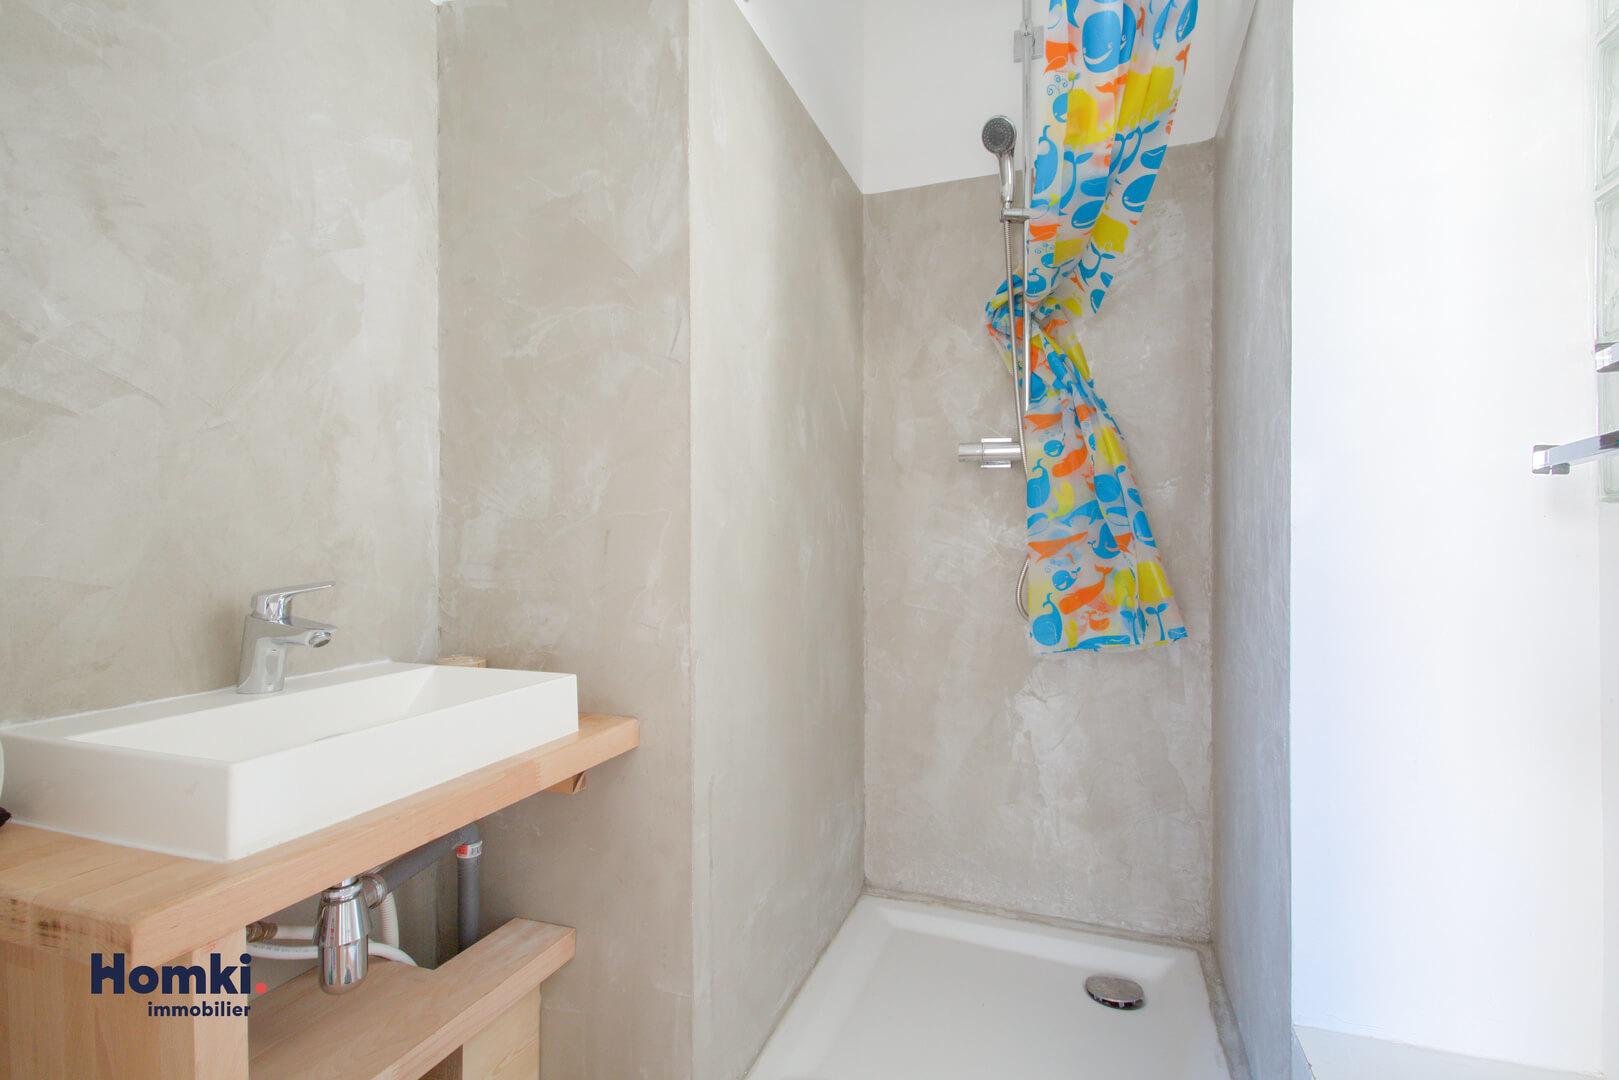 Vente maison 100 m² T4 13007_10